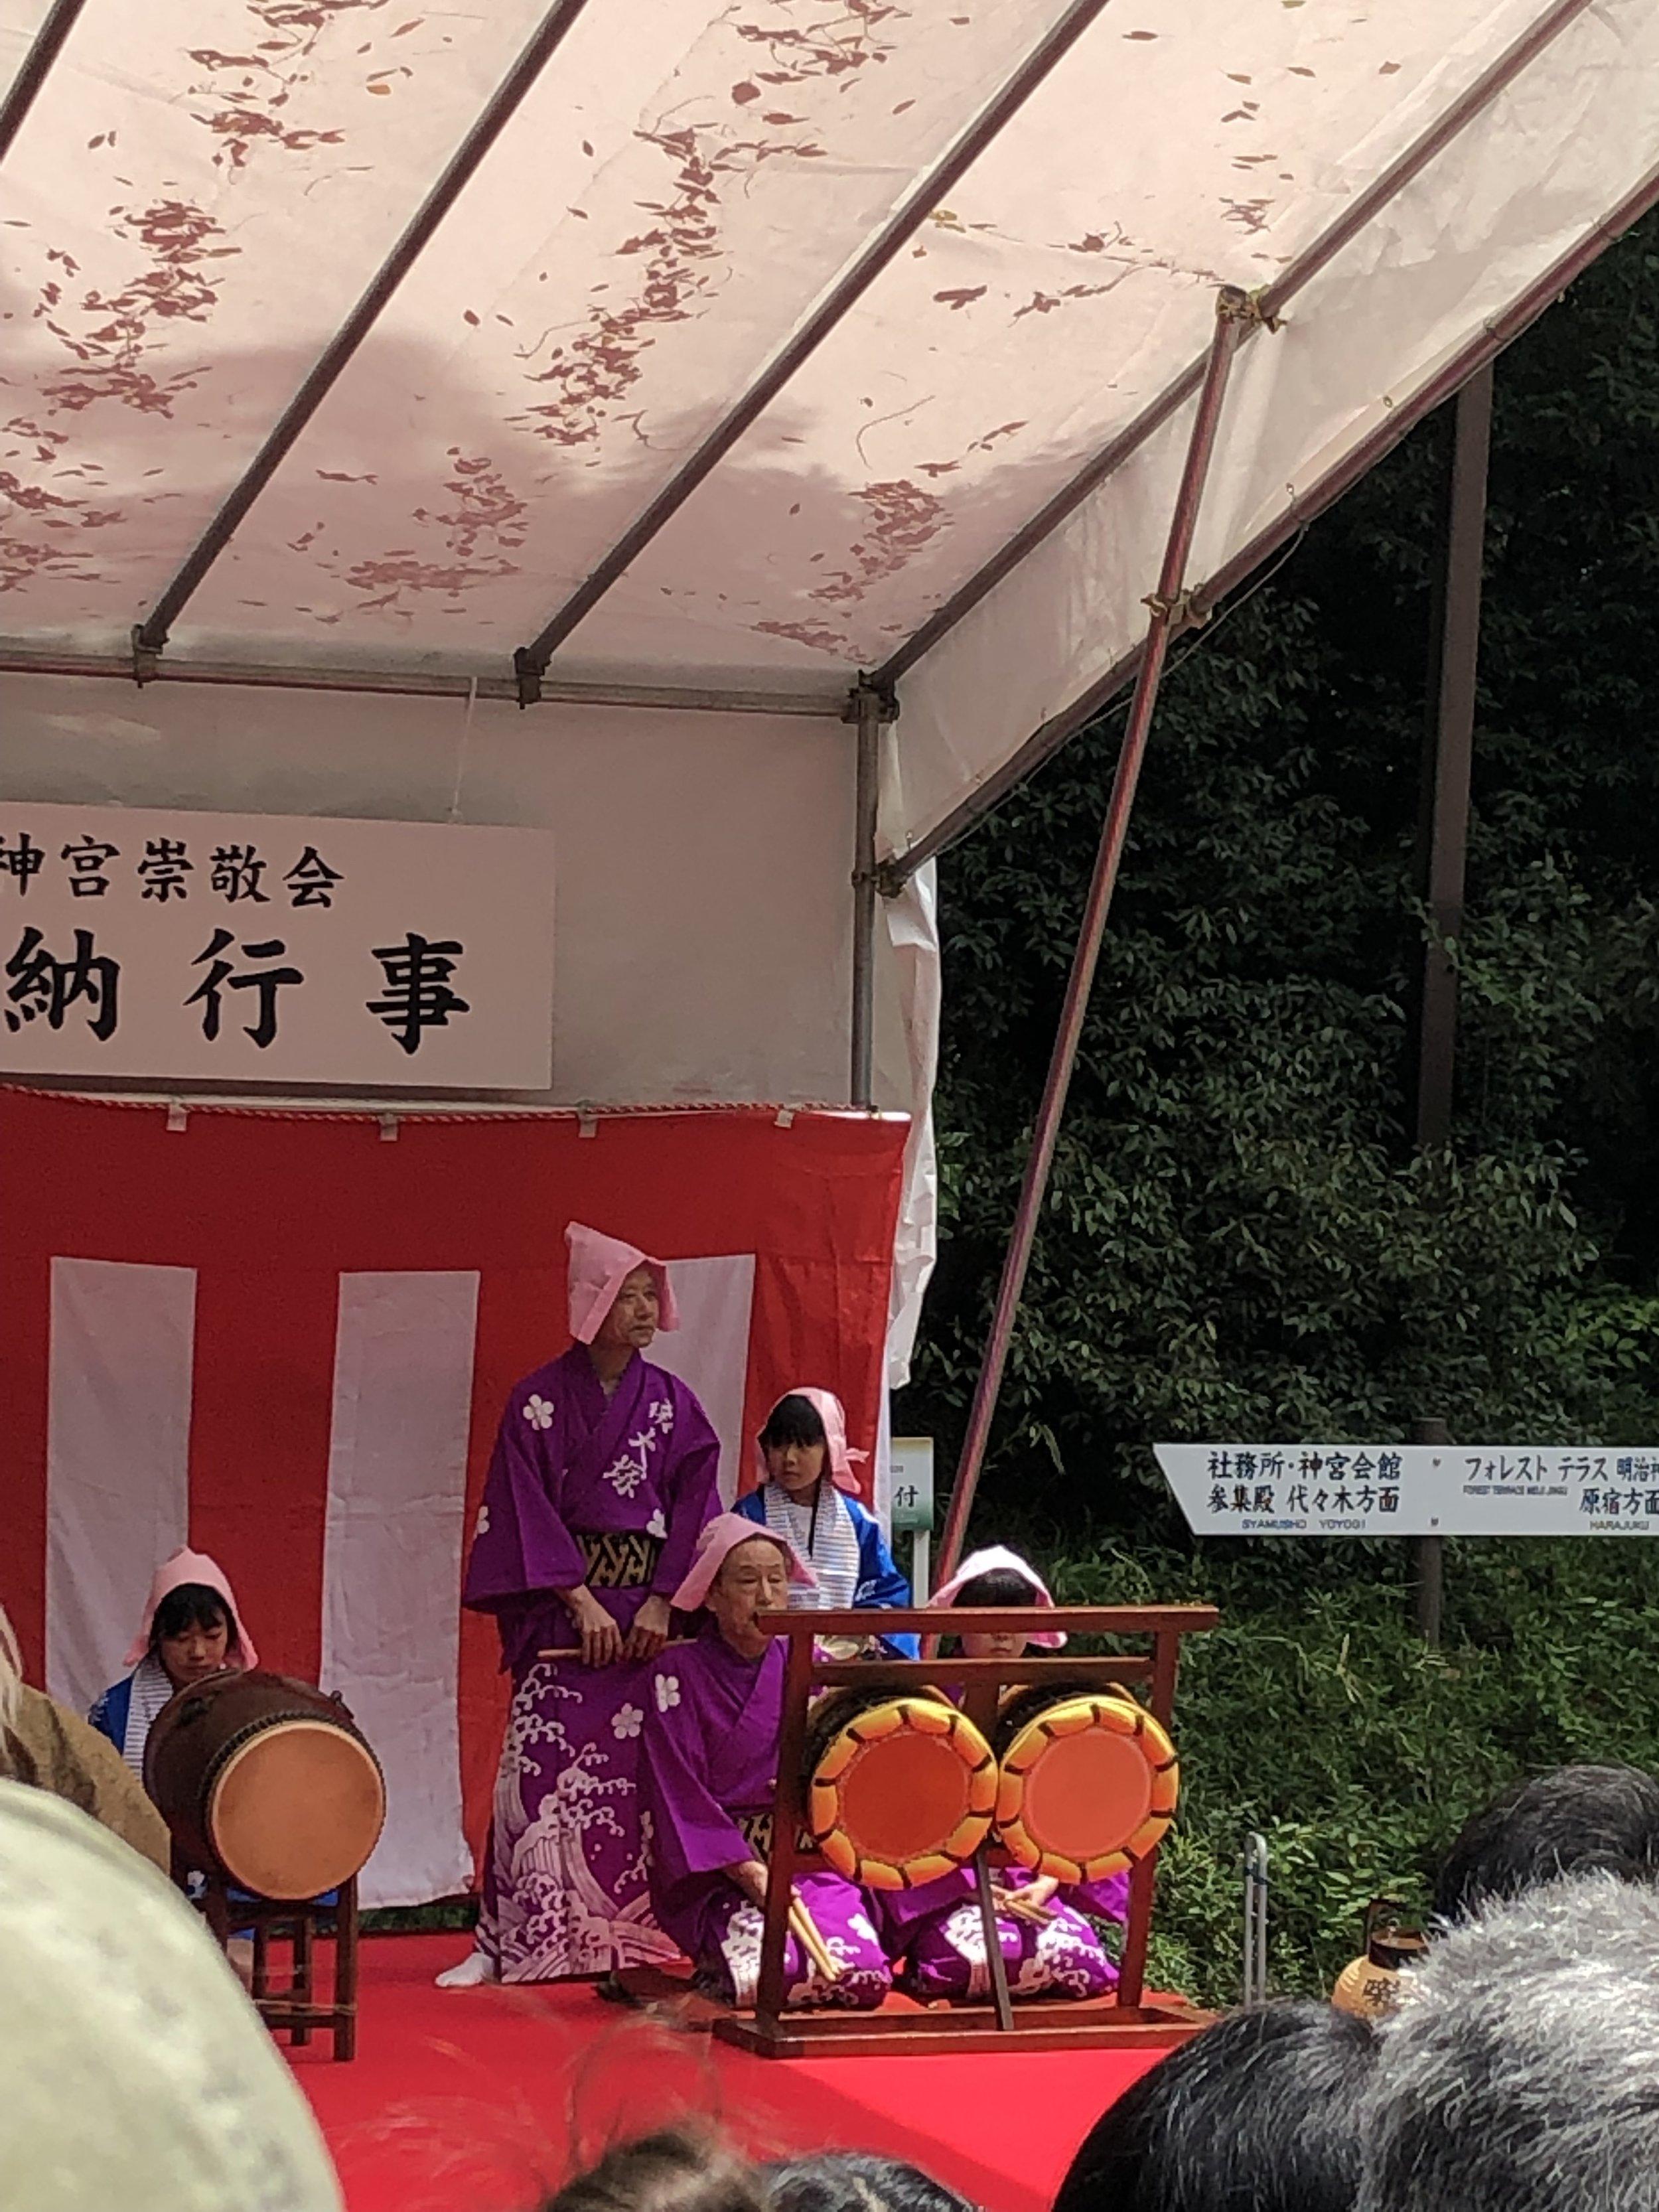 Play in the park (Meiji-jingo)